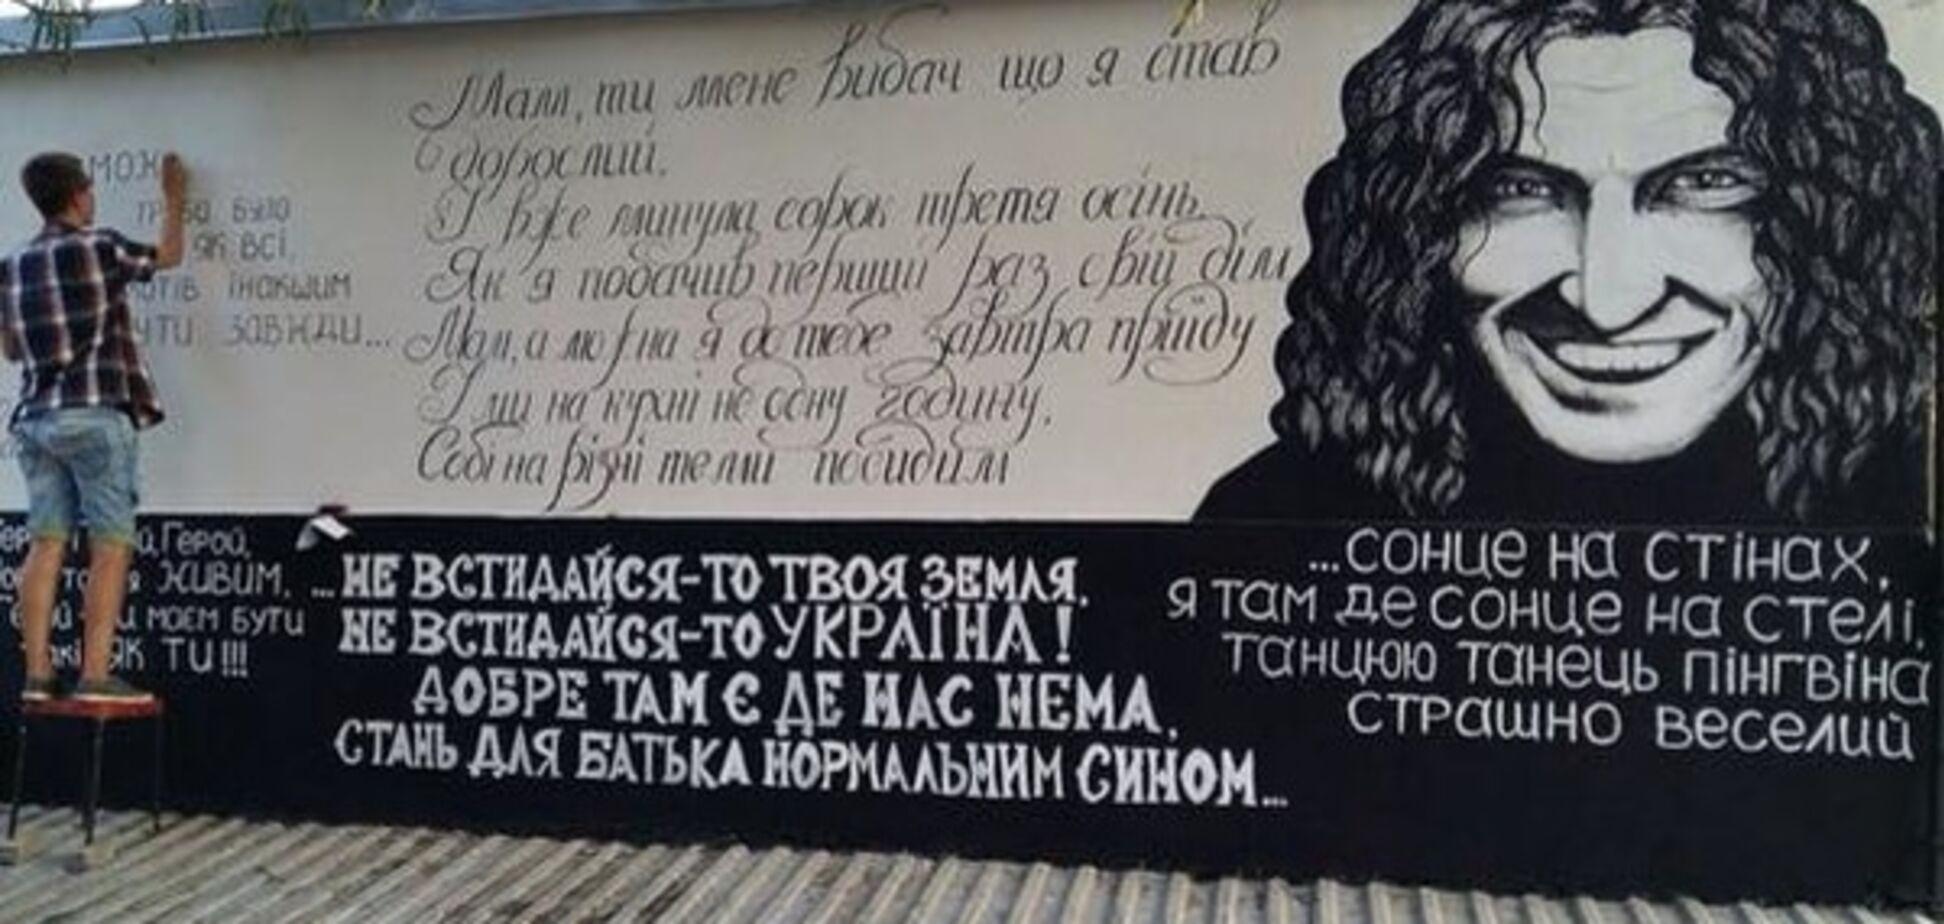 В Одессе фанаты создали душевную стену памяти Кузьмы Скрябина: фотофакт